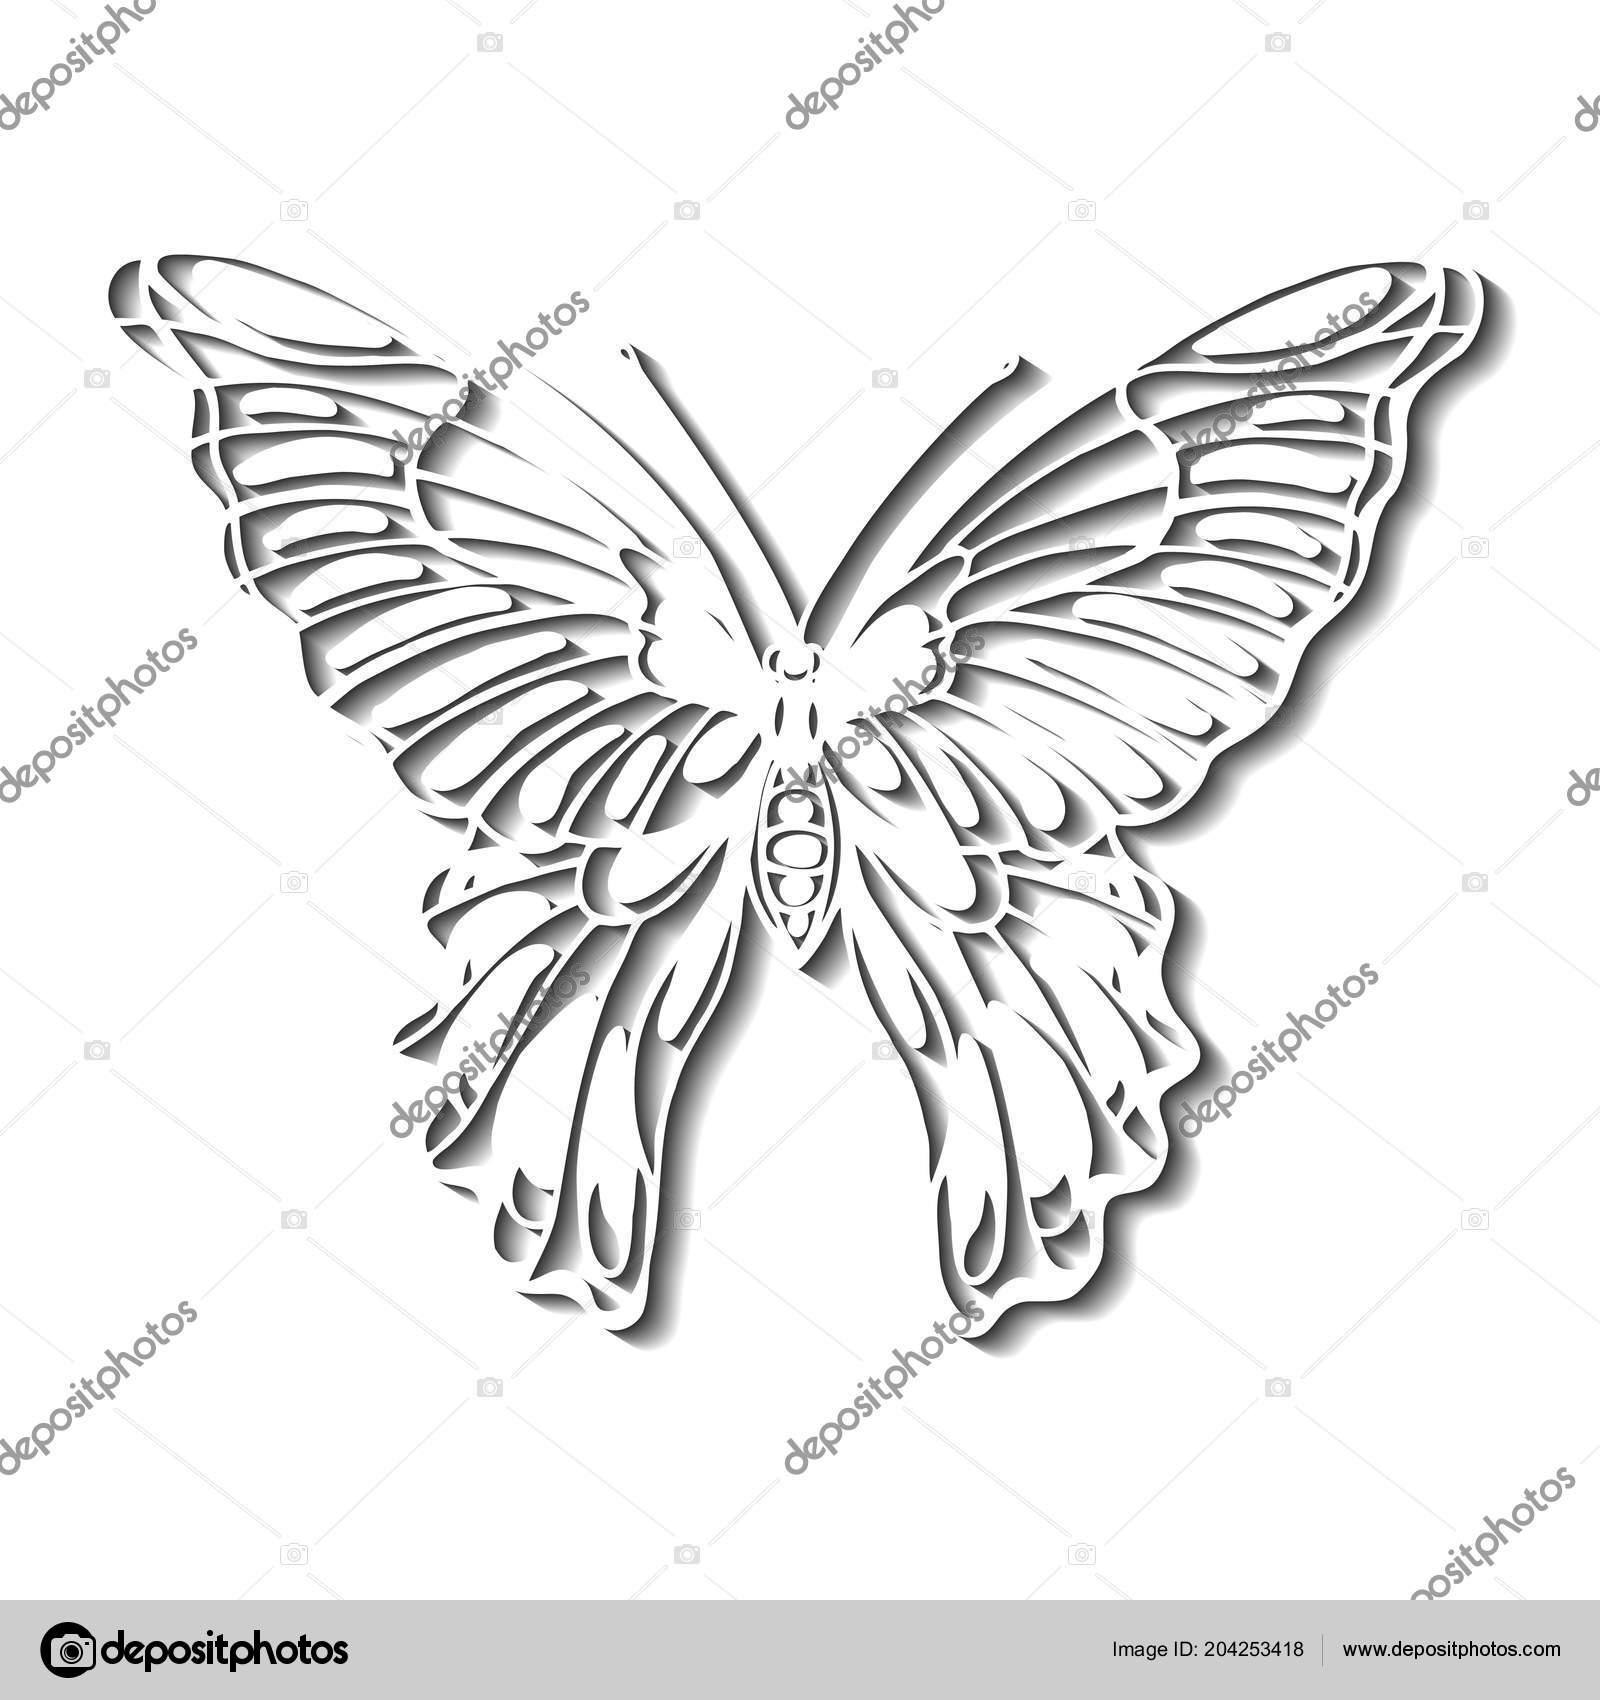 Motyl Kontury Kresby Trojrozmerny Silueta Stock Vektor C Po Lelya